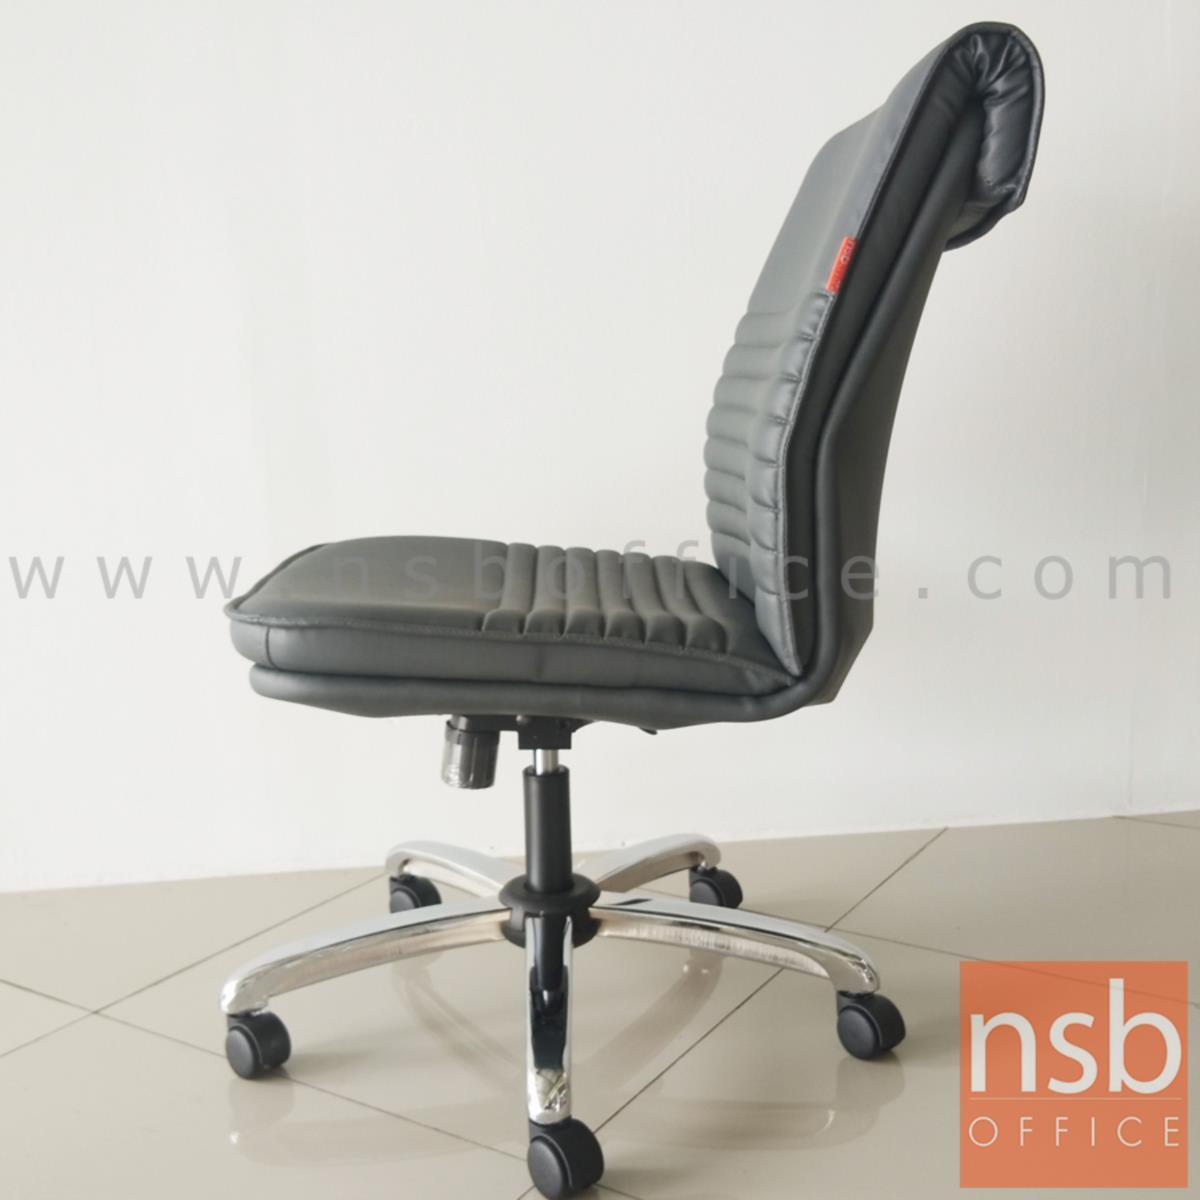 เก้าอี้สำนักงาน รุ่น KS-110  มีก้อนโยก ขาเหล็กชุบโครเมี่ยม